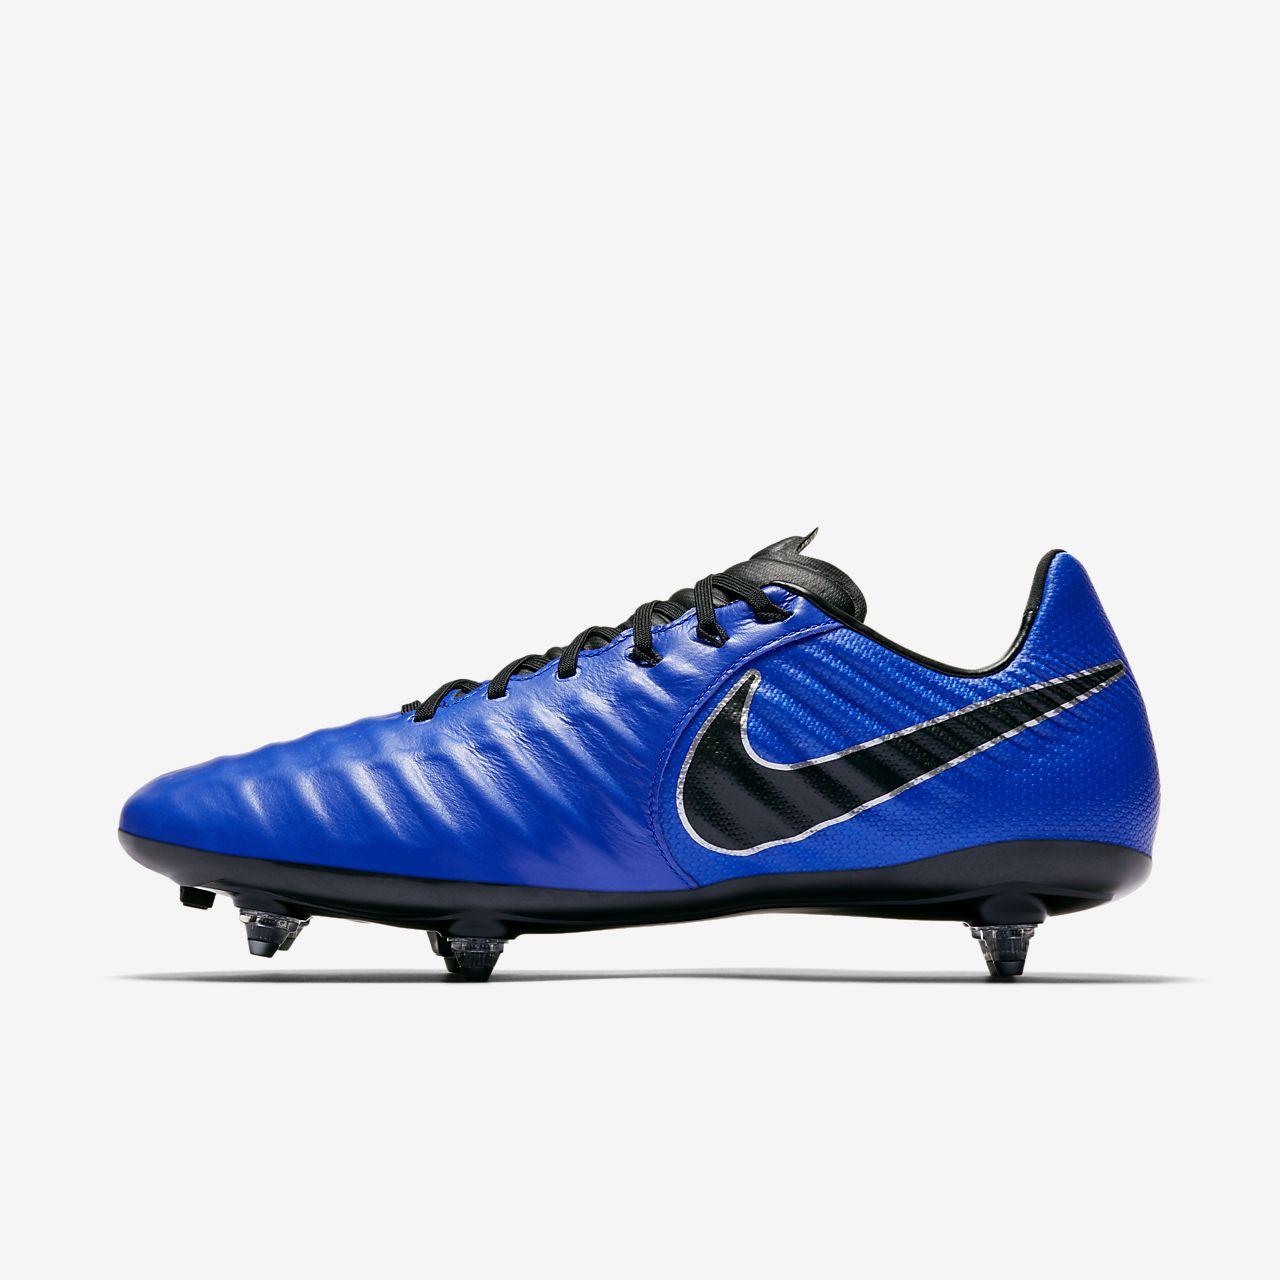 dacba63a1a7 Calzado de fútbol para terreno blando Nike Tiempo Legend VII Pro ...